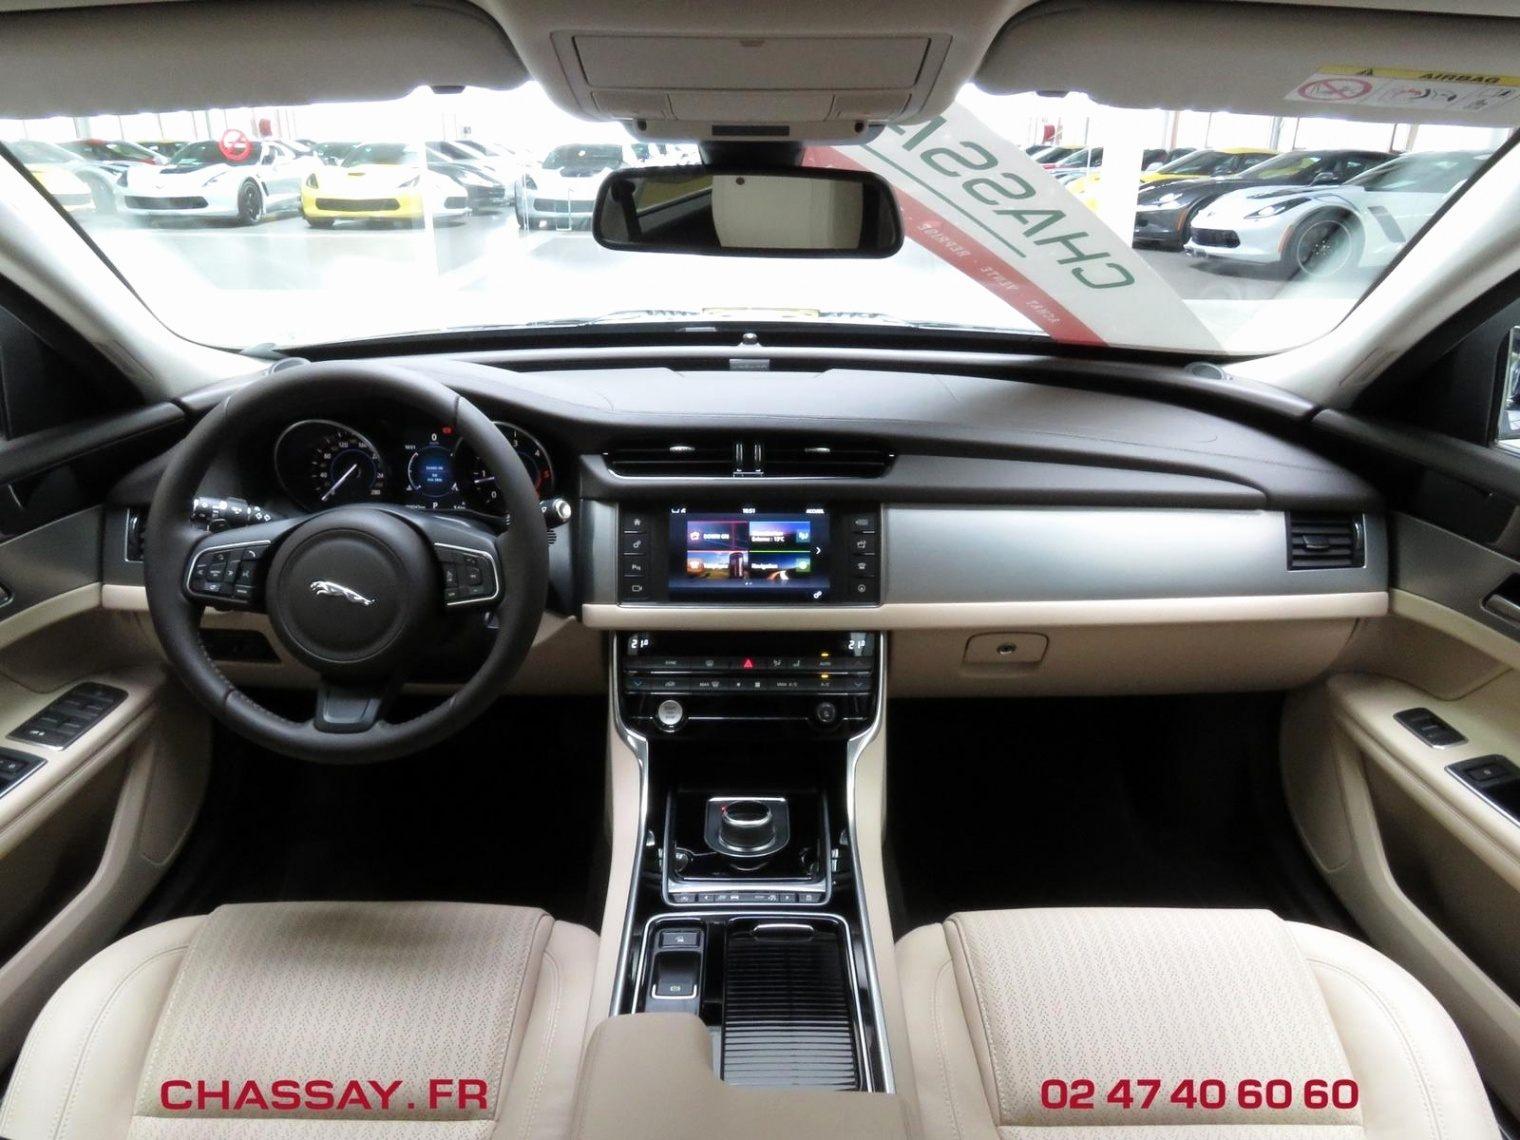 Tapis Sol Voiture Inspirational Jaguar Xf Tours Euros 2 0d 180 Ii